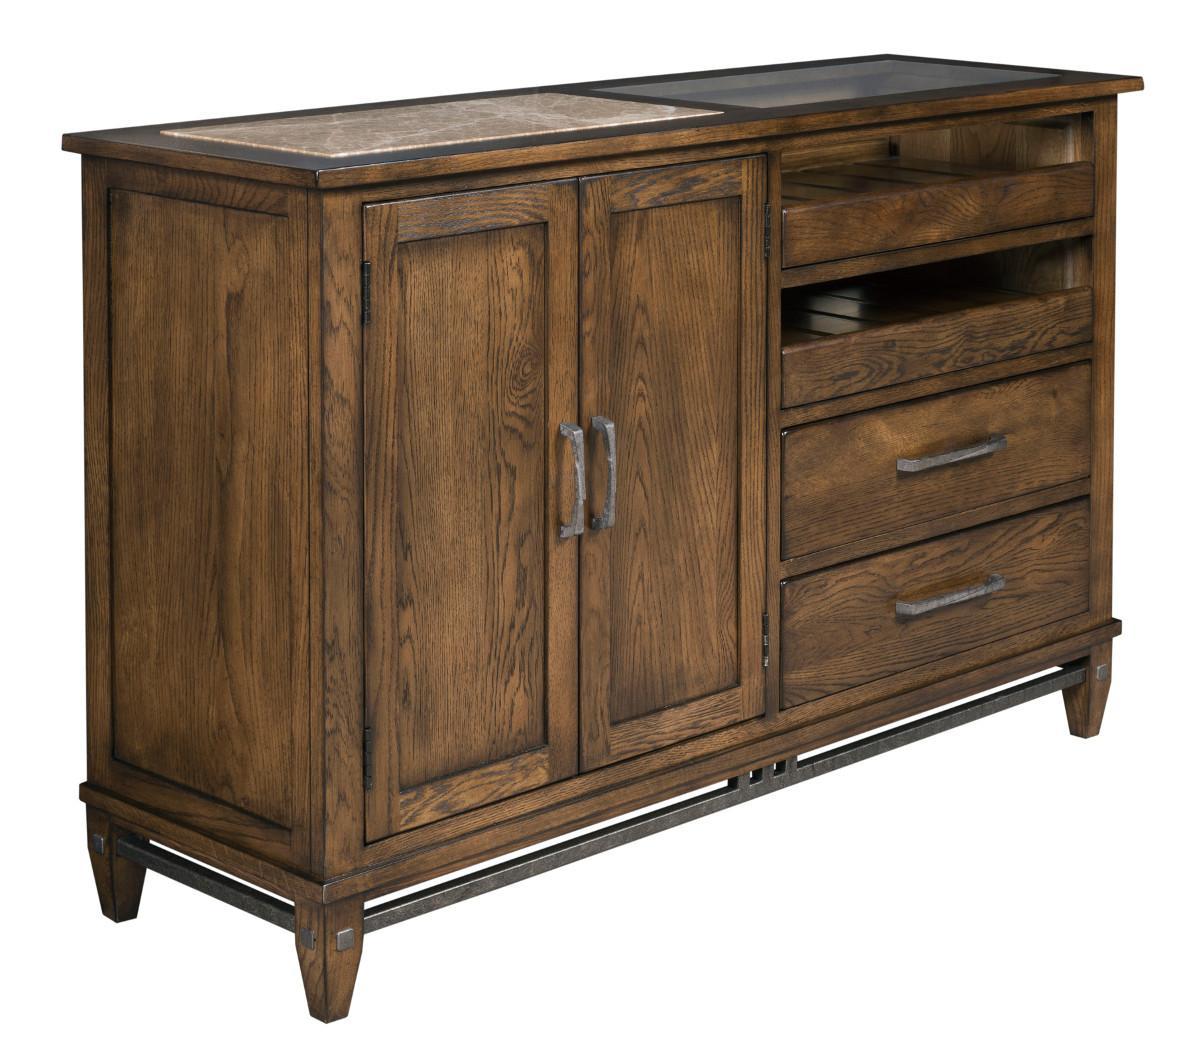 Kincaid Furniture Bedford Park Bedford Server - Item Number: 74-090